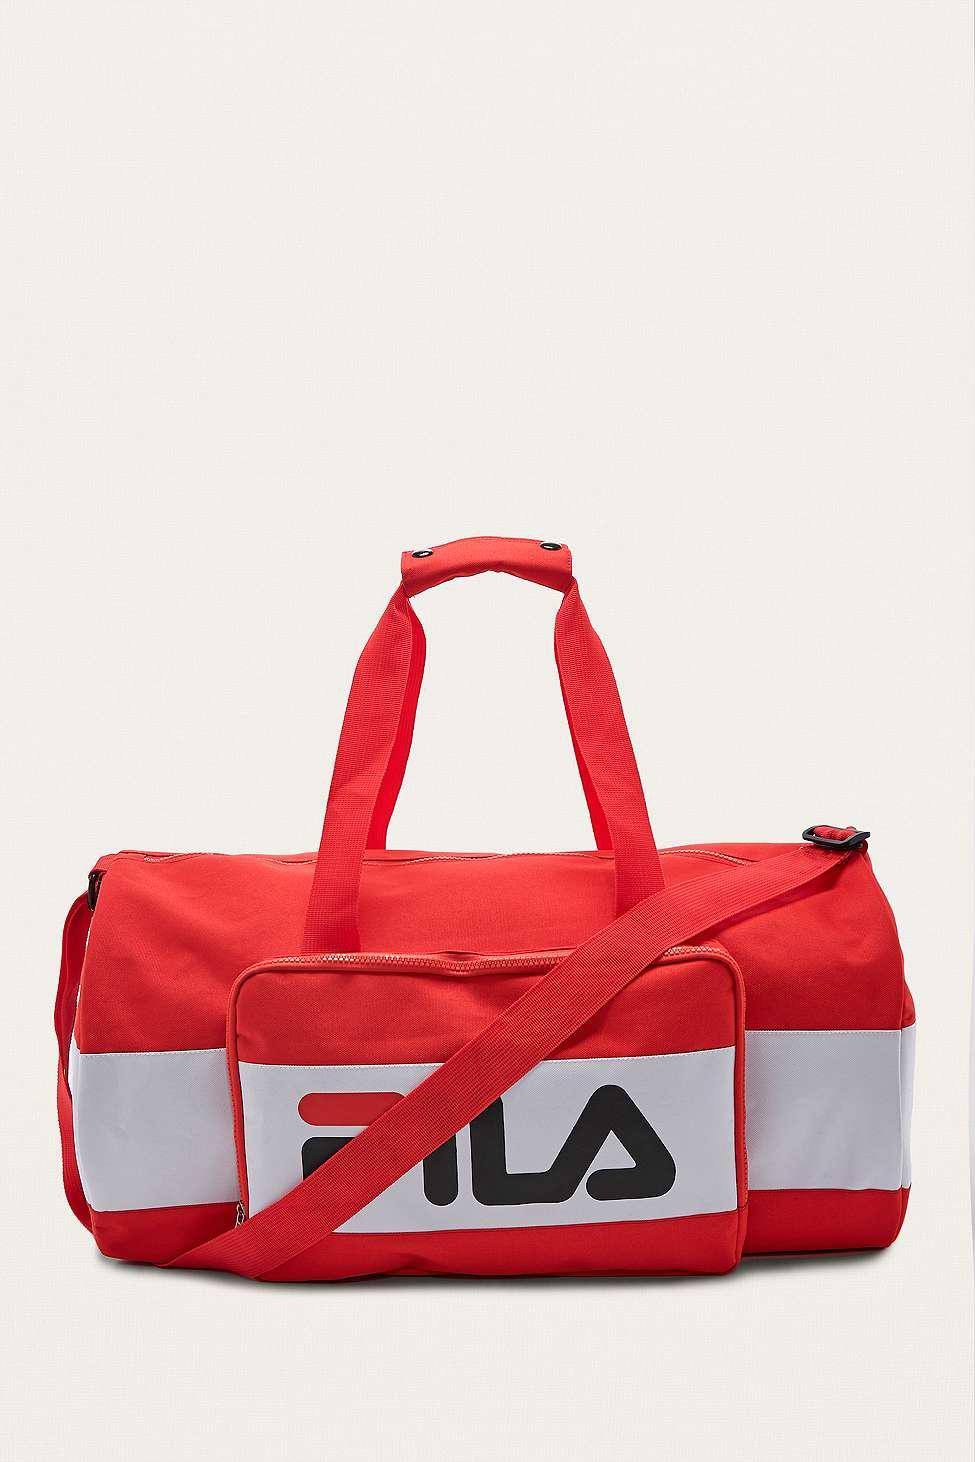 Fila Henry Red Holdall Bag - Mens All in Red for Men - Lyst 9fb0e66375e38